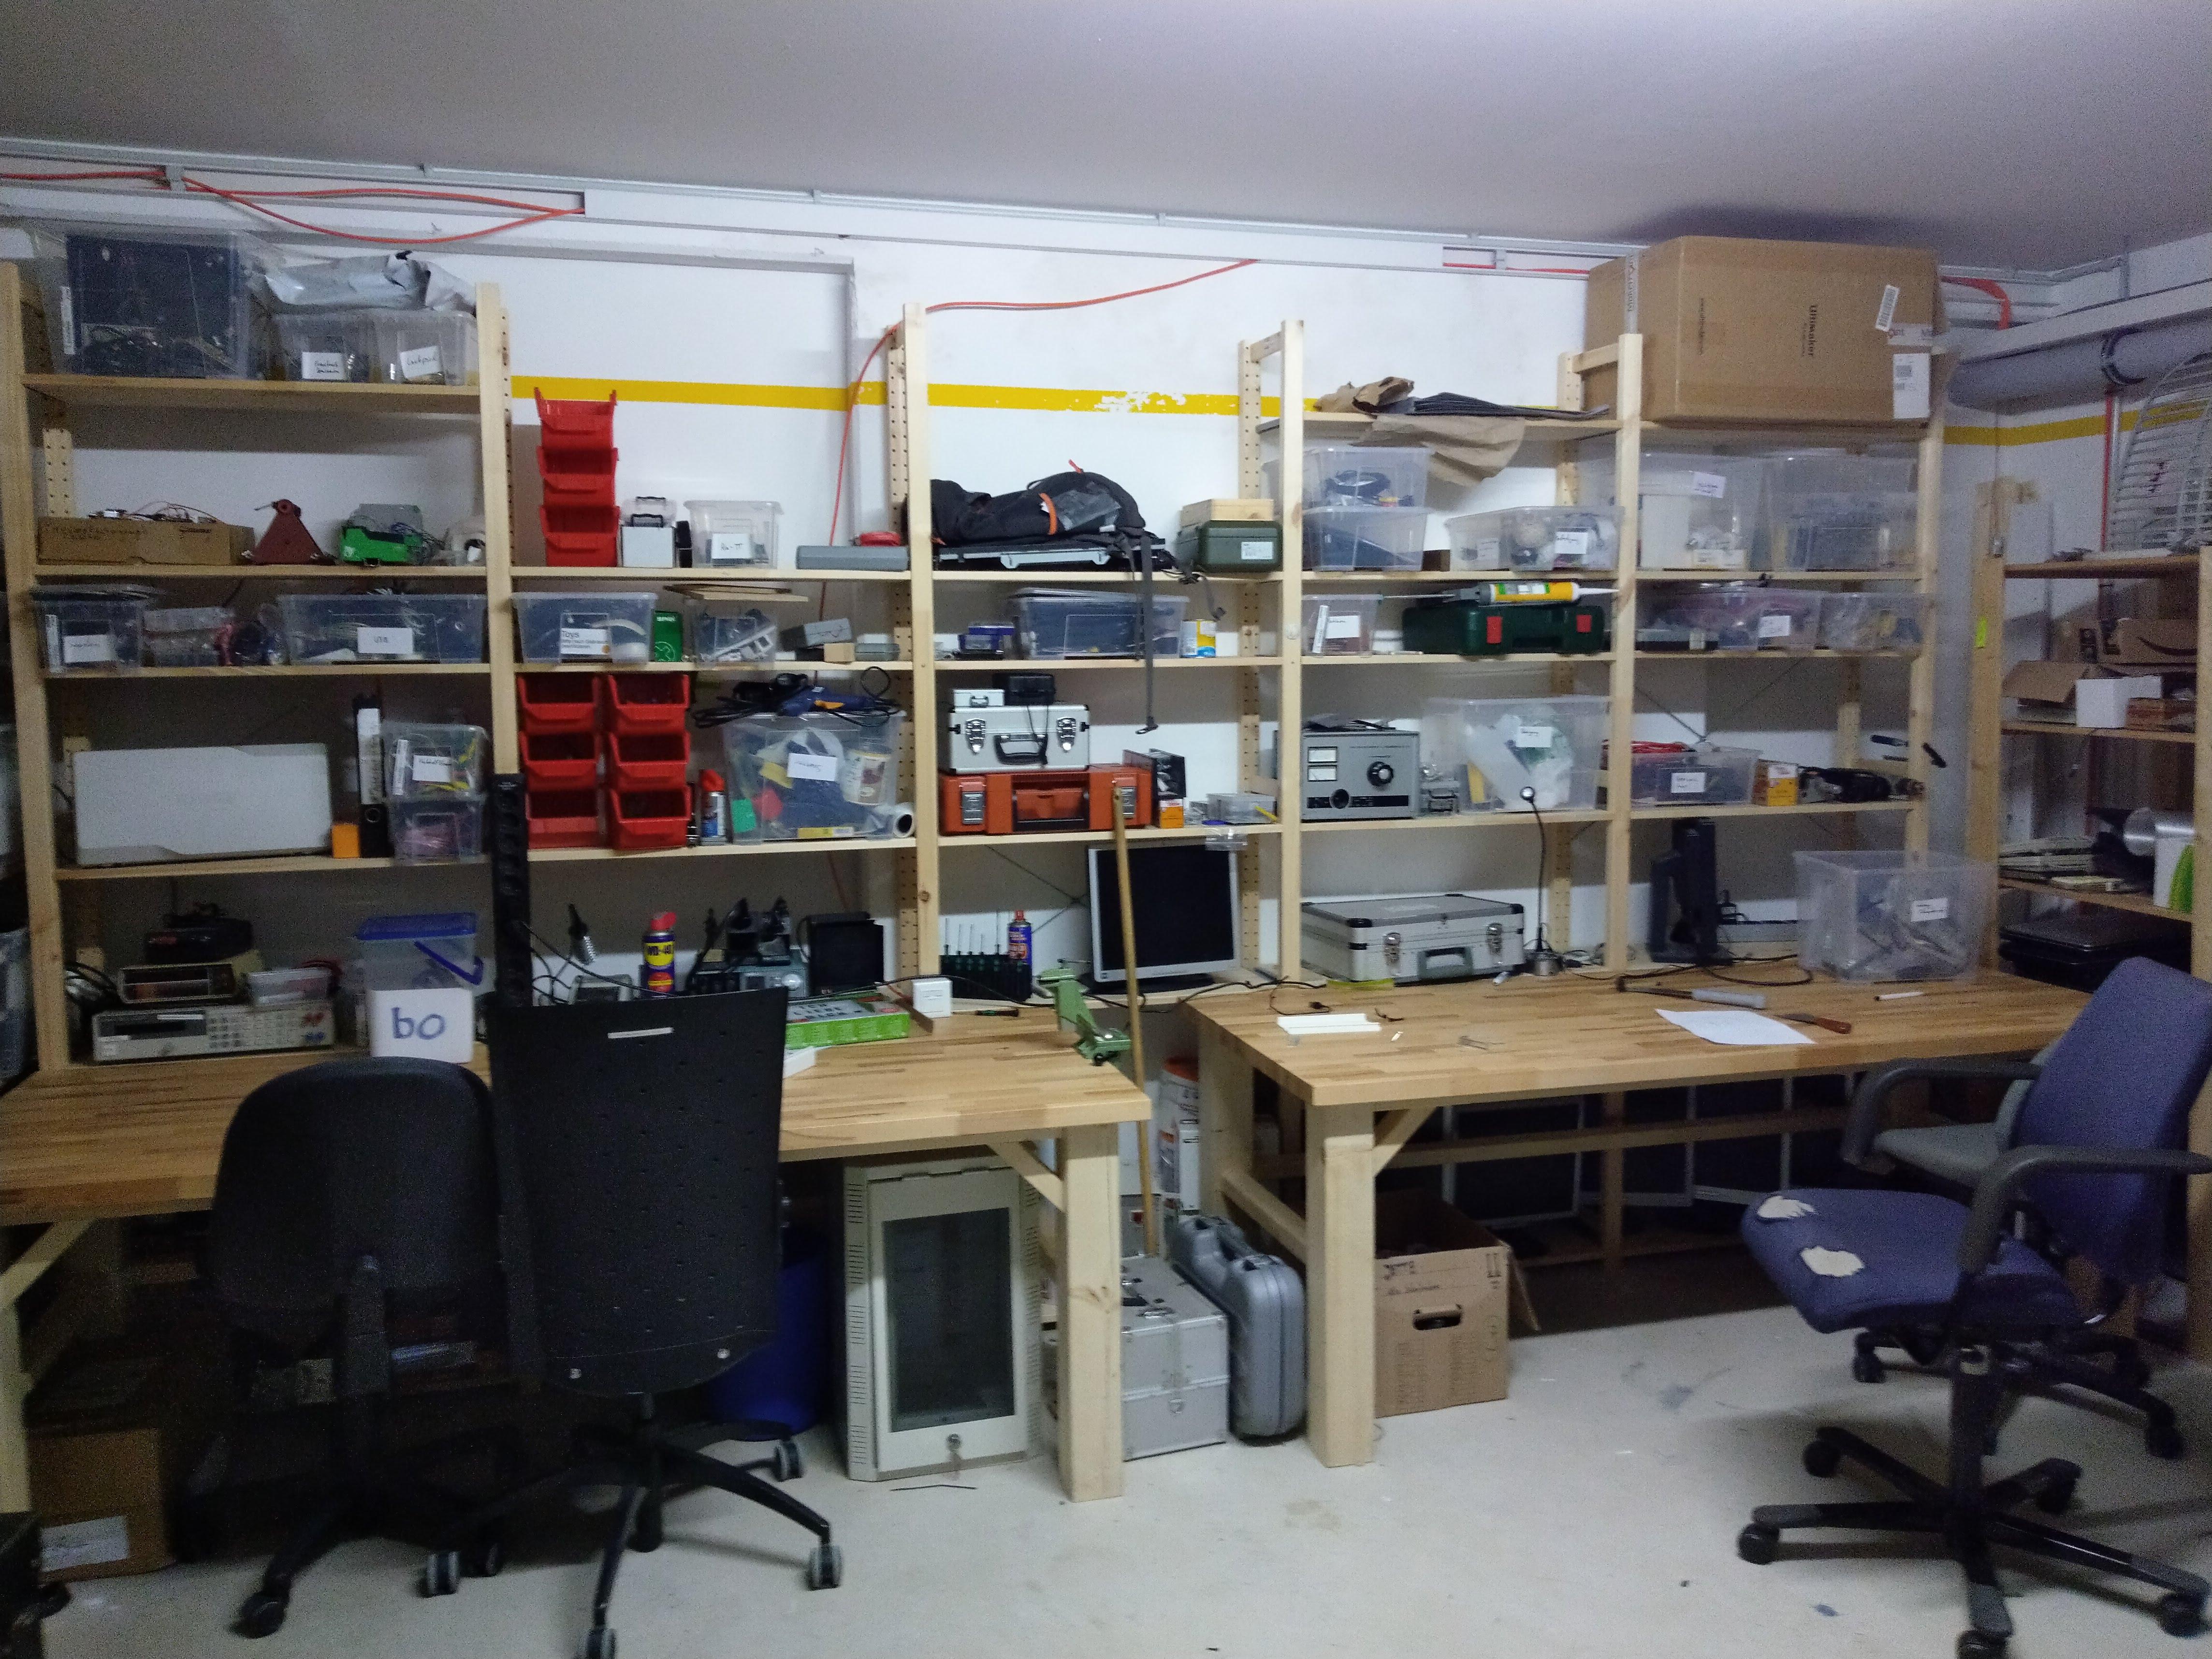 Für Bastler steht eine umfangreiche Werkstatt zur Verfügung